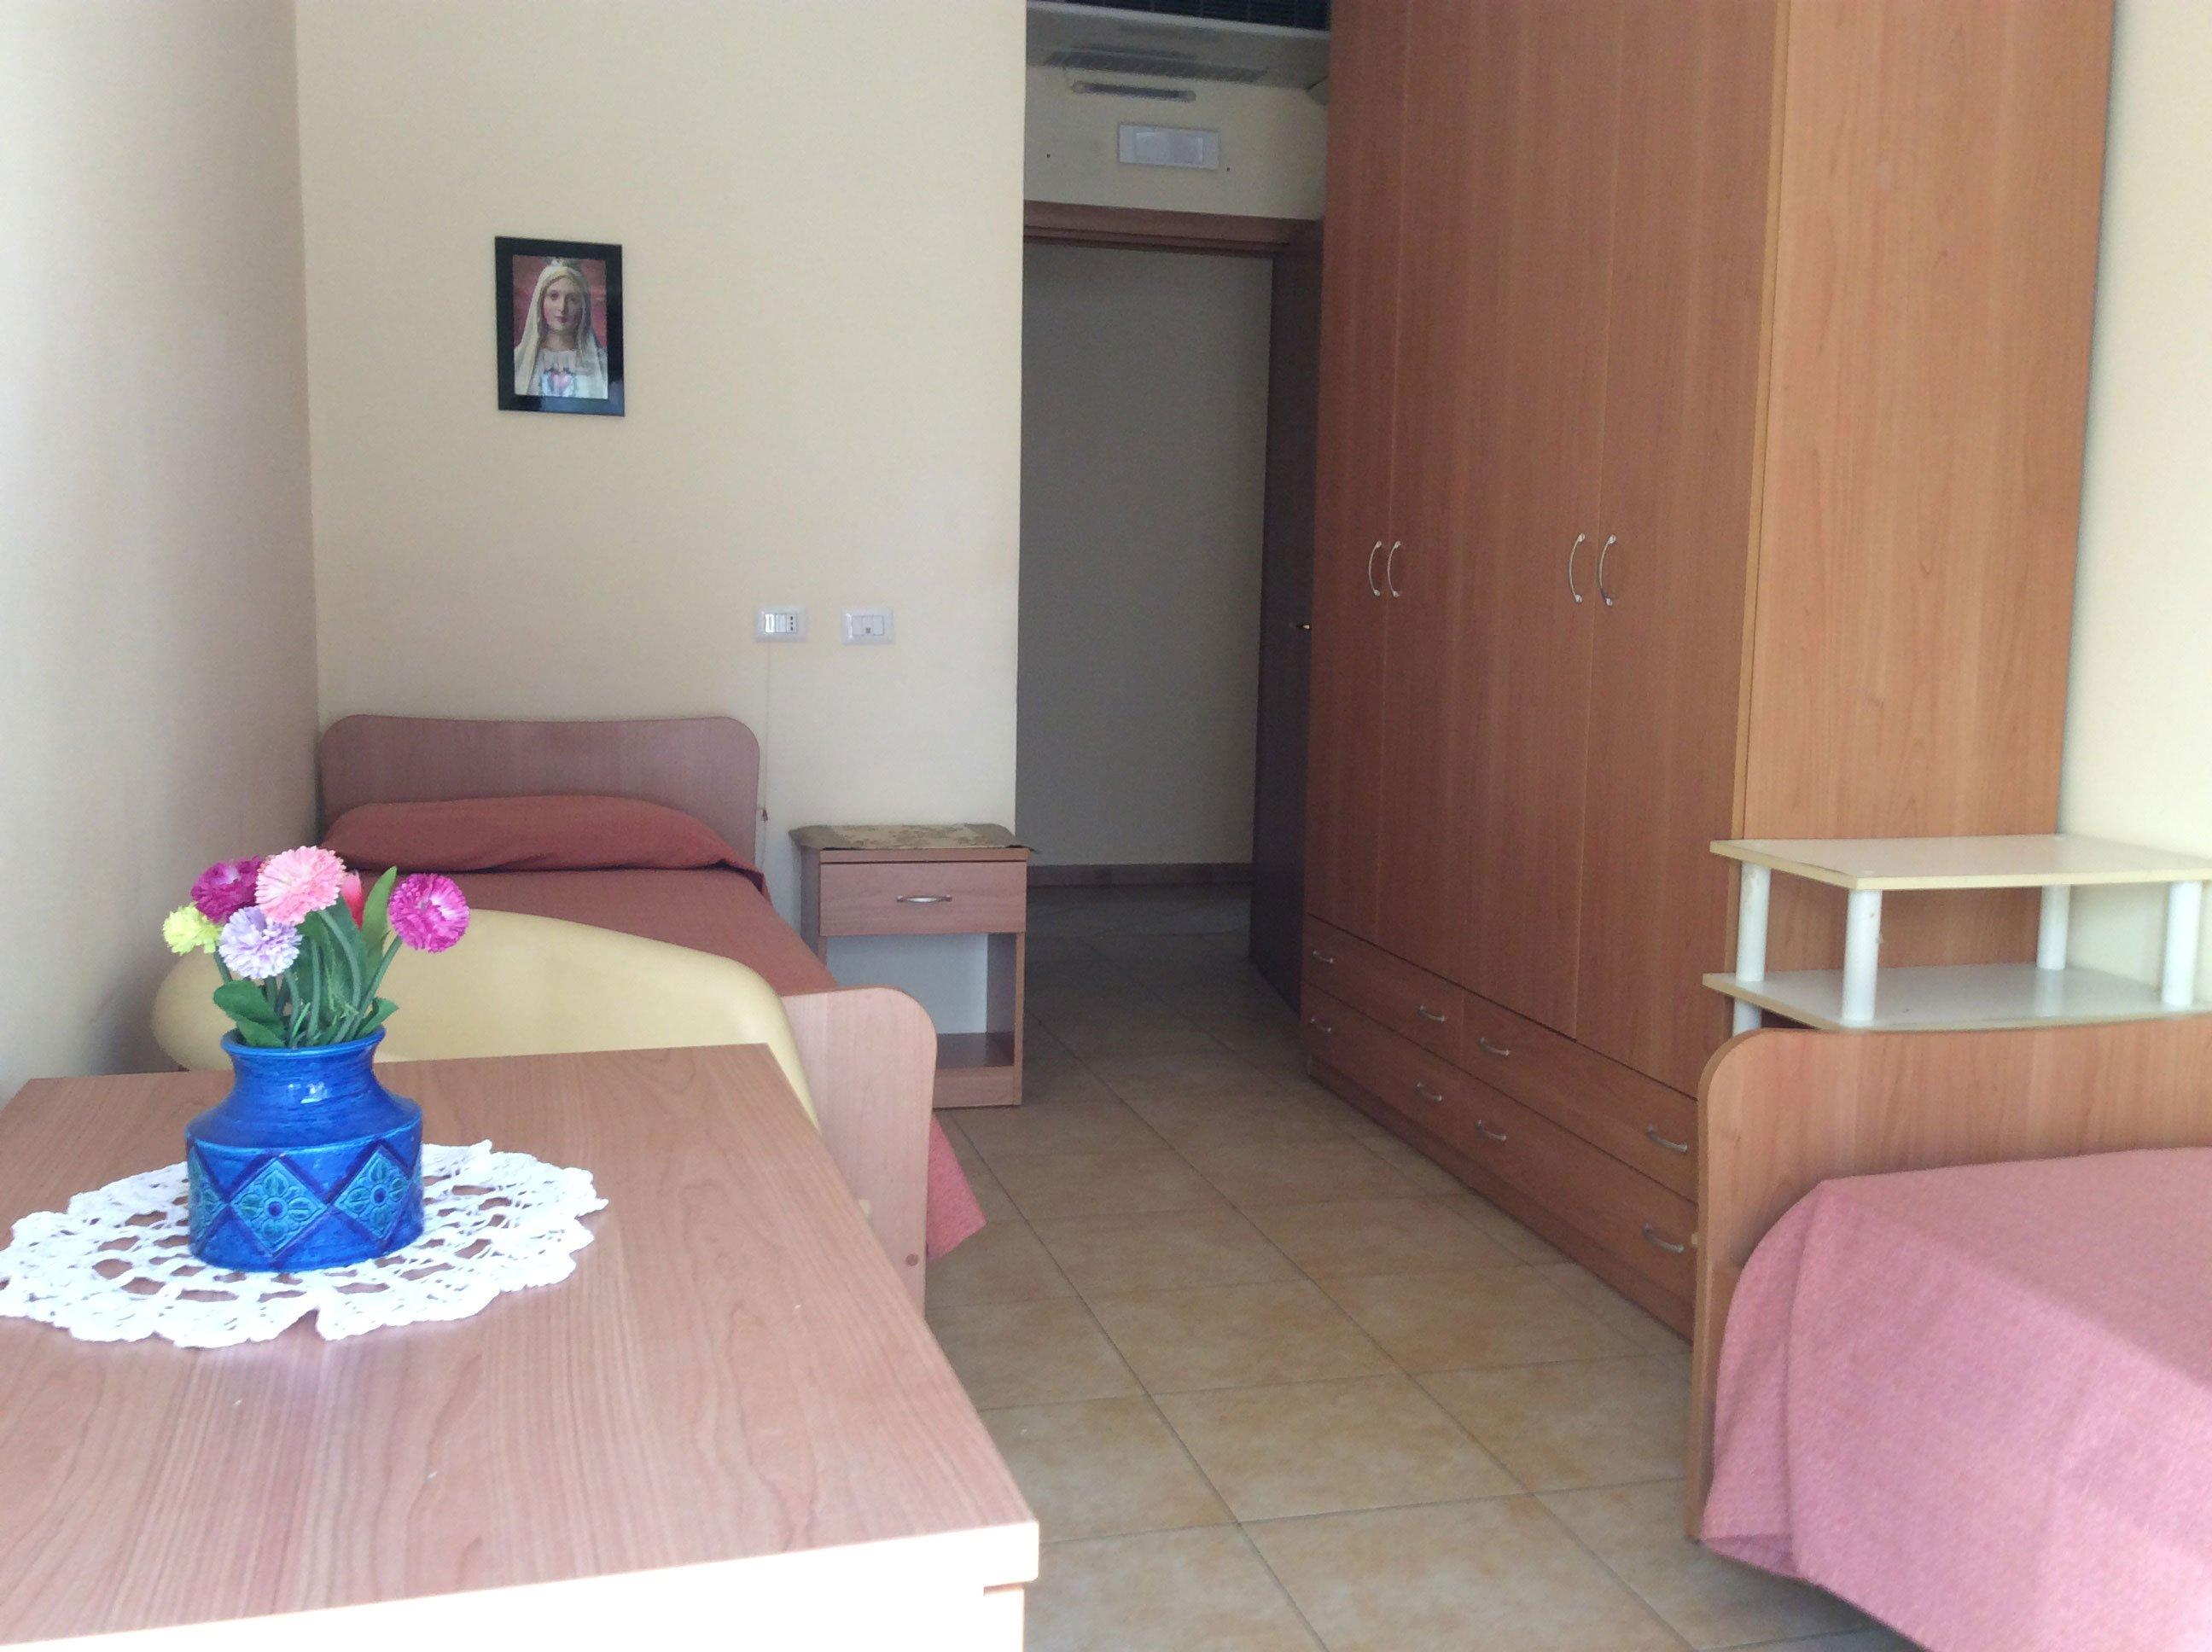 una camera da letto con sulla sinistra un letto, sulla destra un armadio, una scrivania con sopra un vaso di fiori e si intravede un altro letto